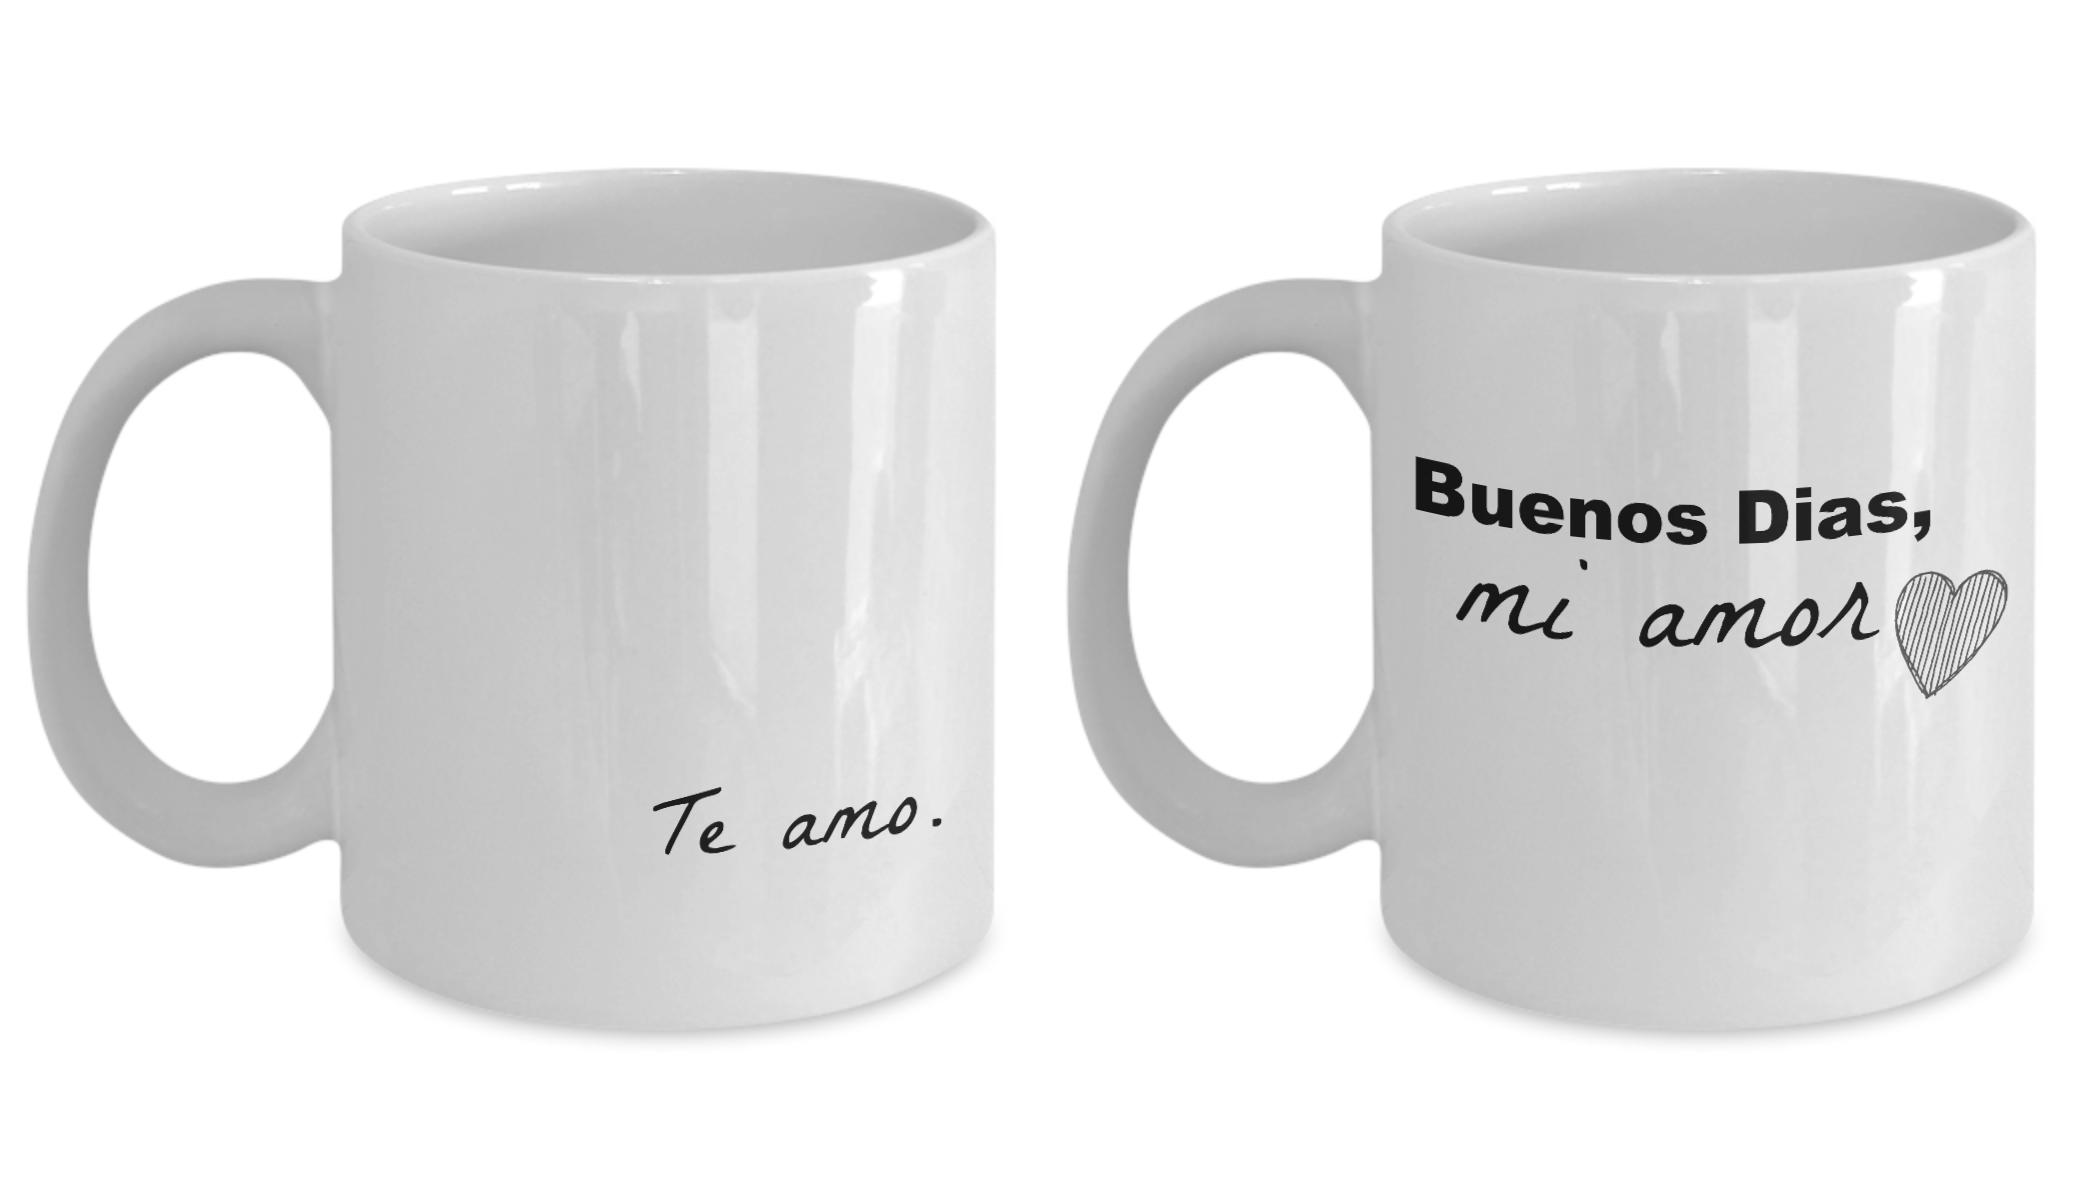 how to say ceramics in spanish - the best ceramics